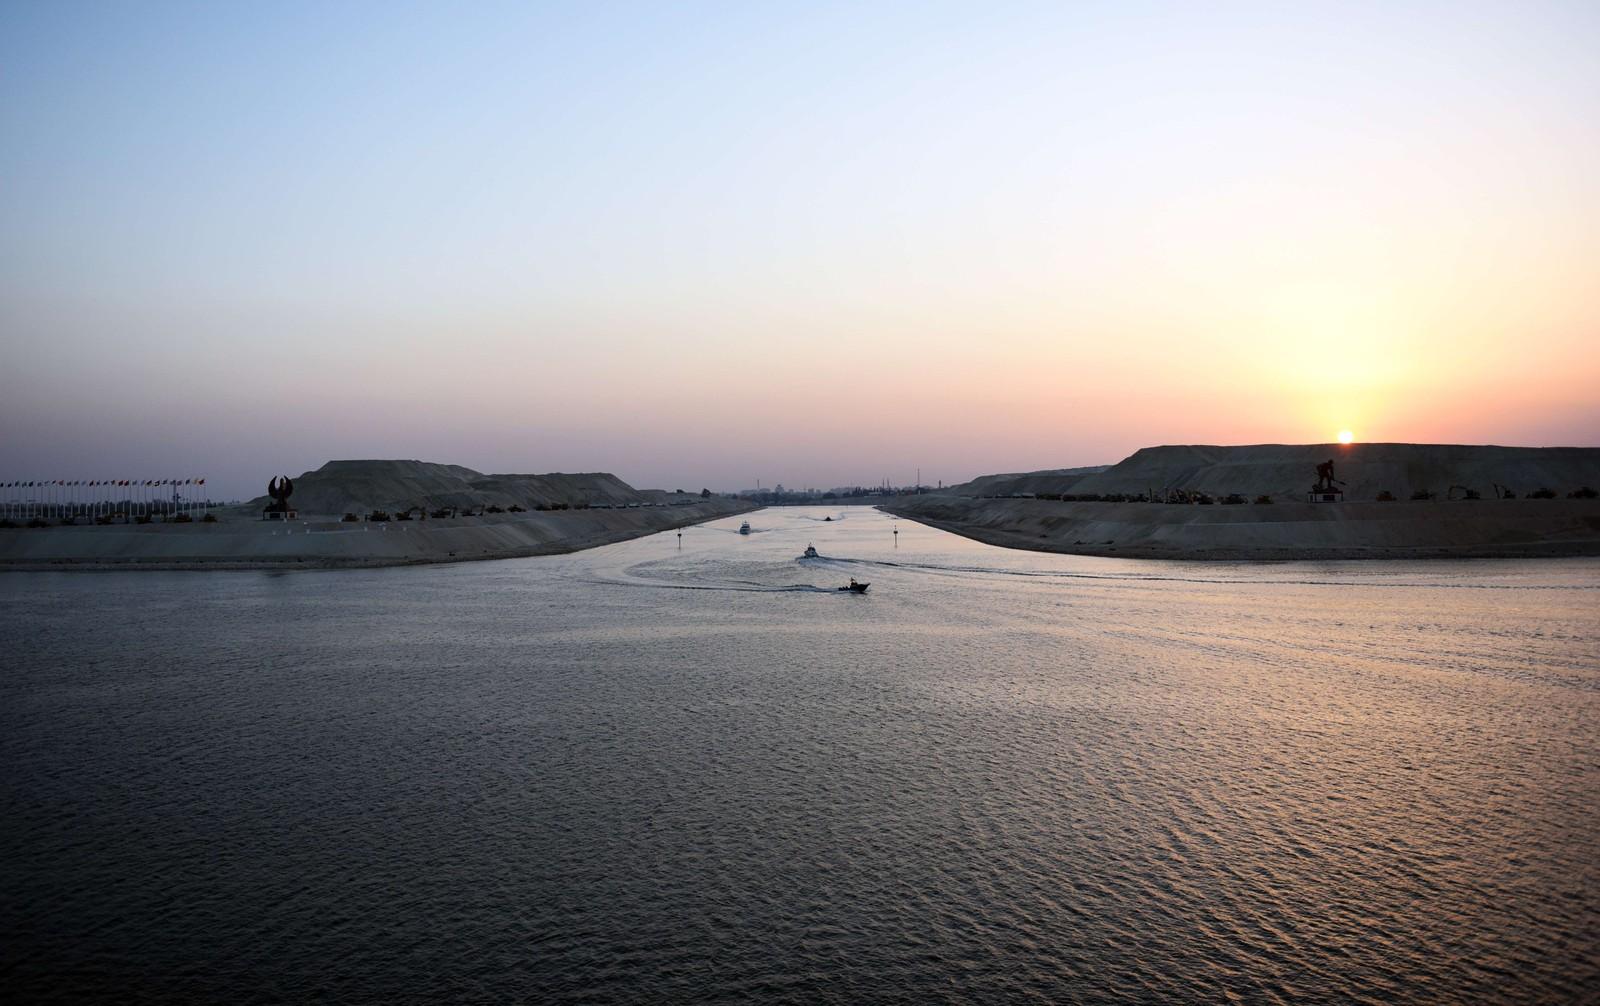 Fra og med denne uken kan skip seile gjennom Suezkanalen i begge retninger samtidig. 6.august åpnet den nye kanalen i Egypt.